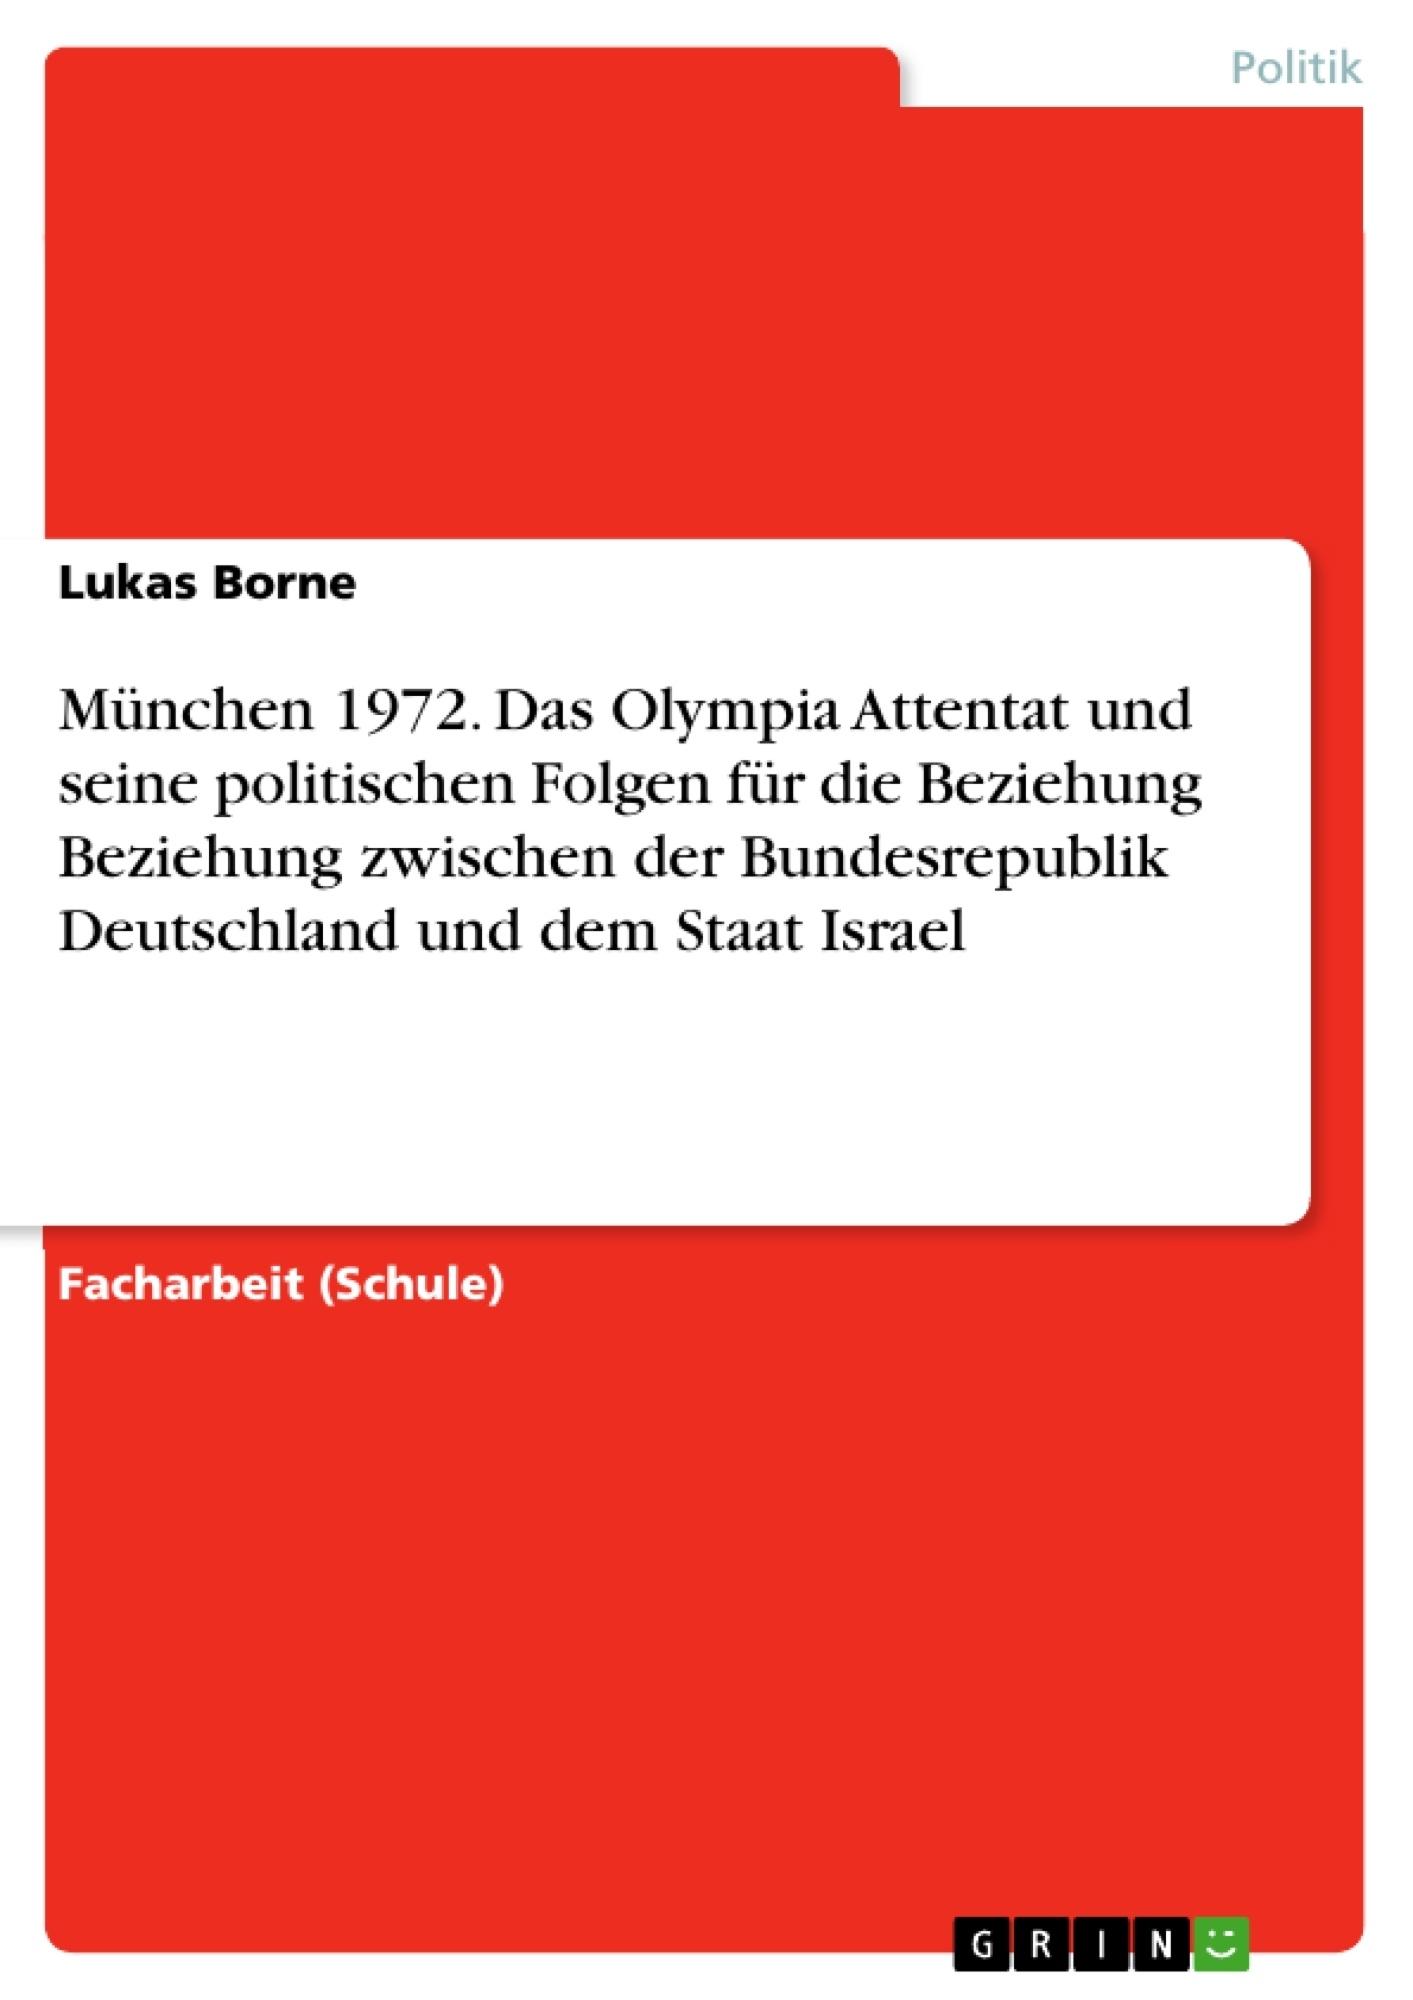 Titel: München 1972. Das Olympia Attentat und seine politischen Folgen für die Beziehung Beziehung zwischen der Bundesrepublik Deutschland und dem Staat Israel